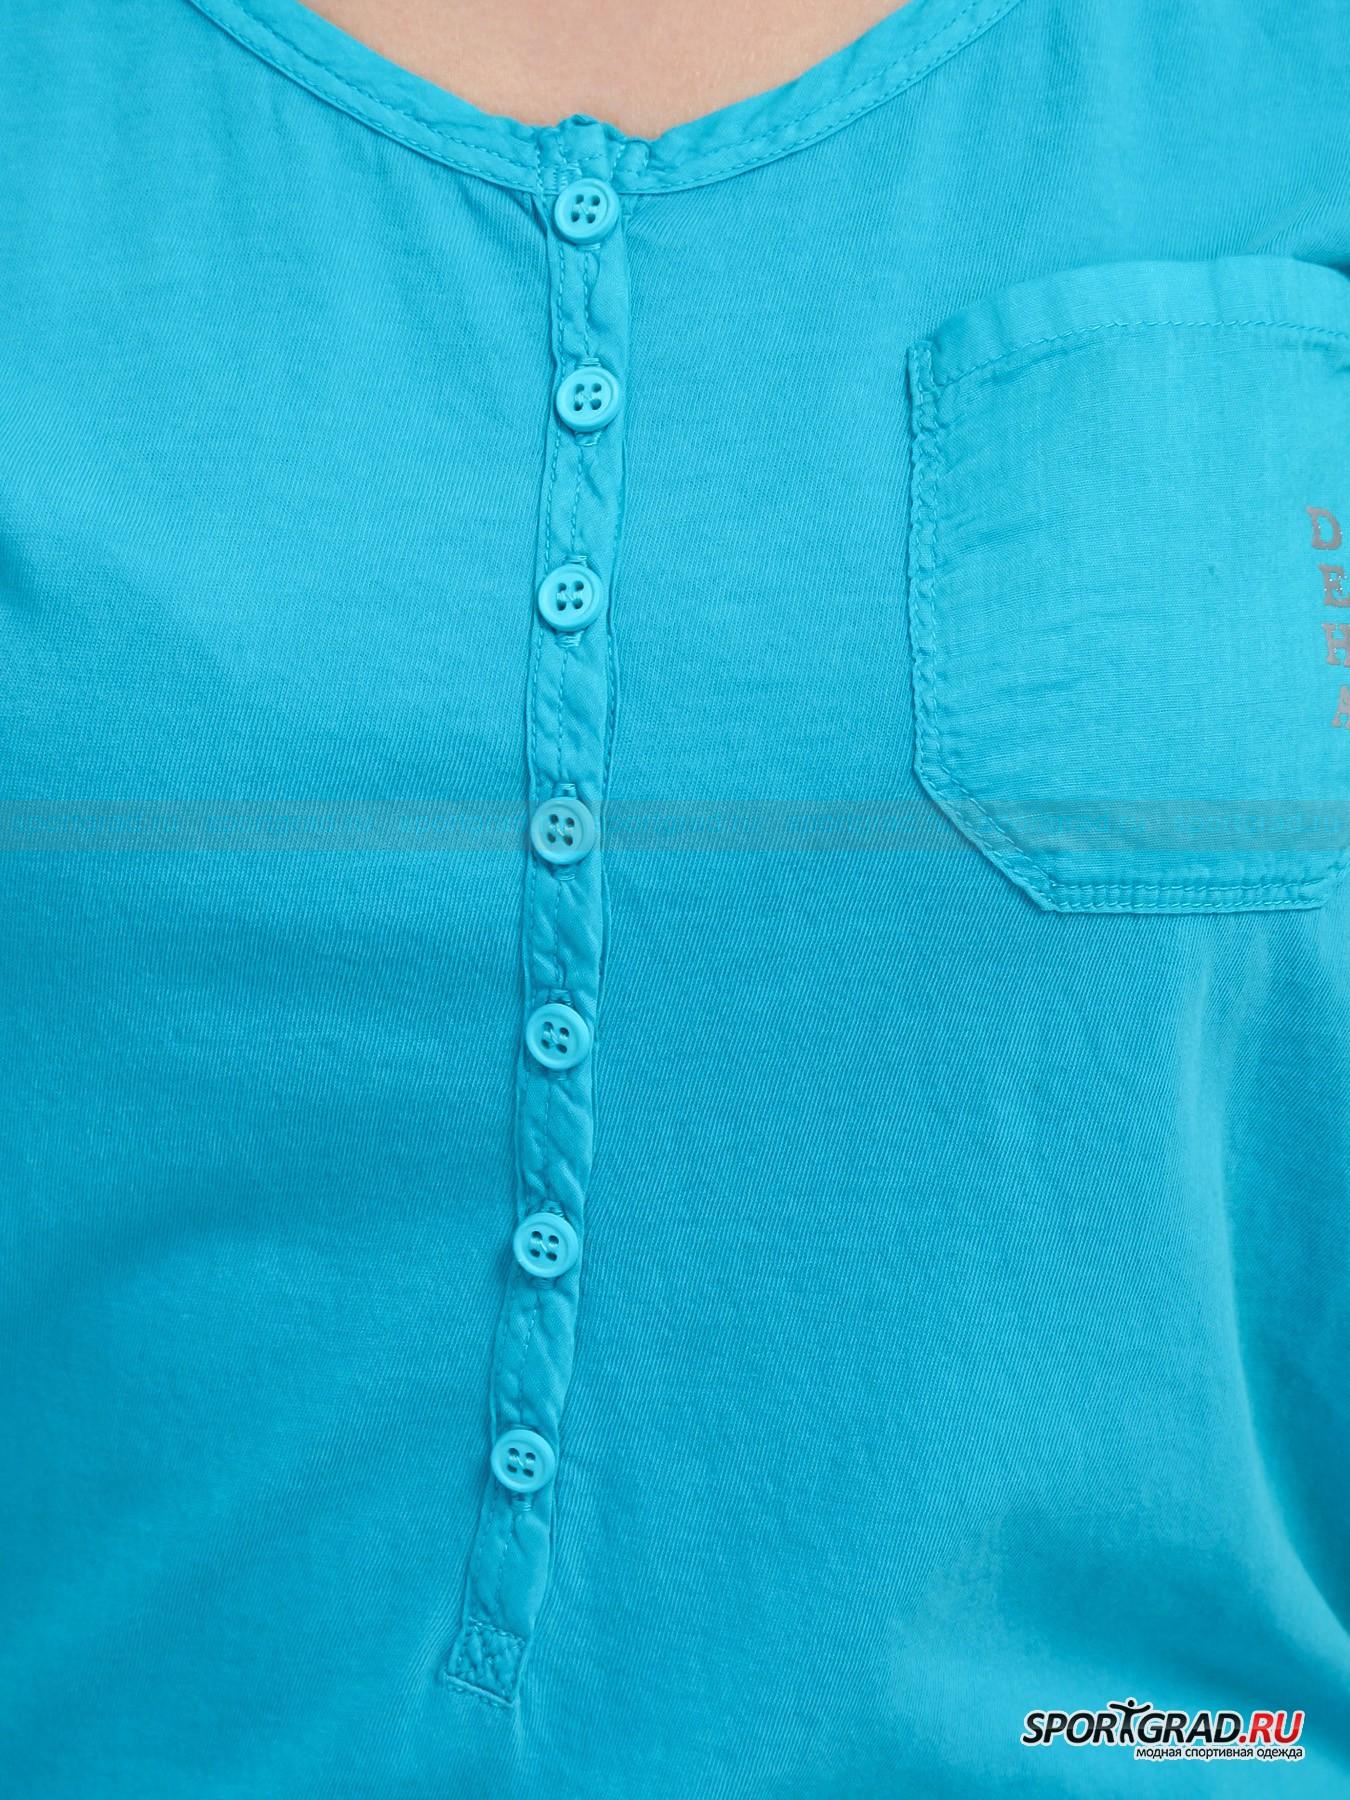 Платье-футболка женское DEHA из трикотажного хлопка от Спортград